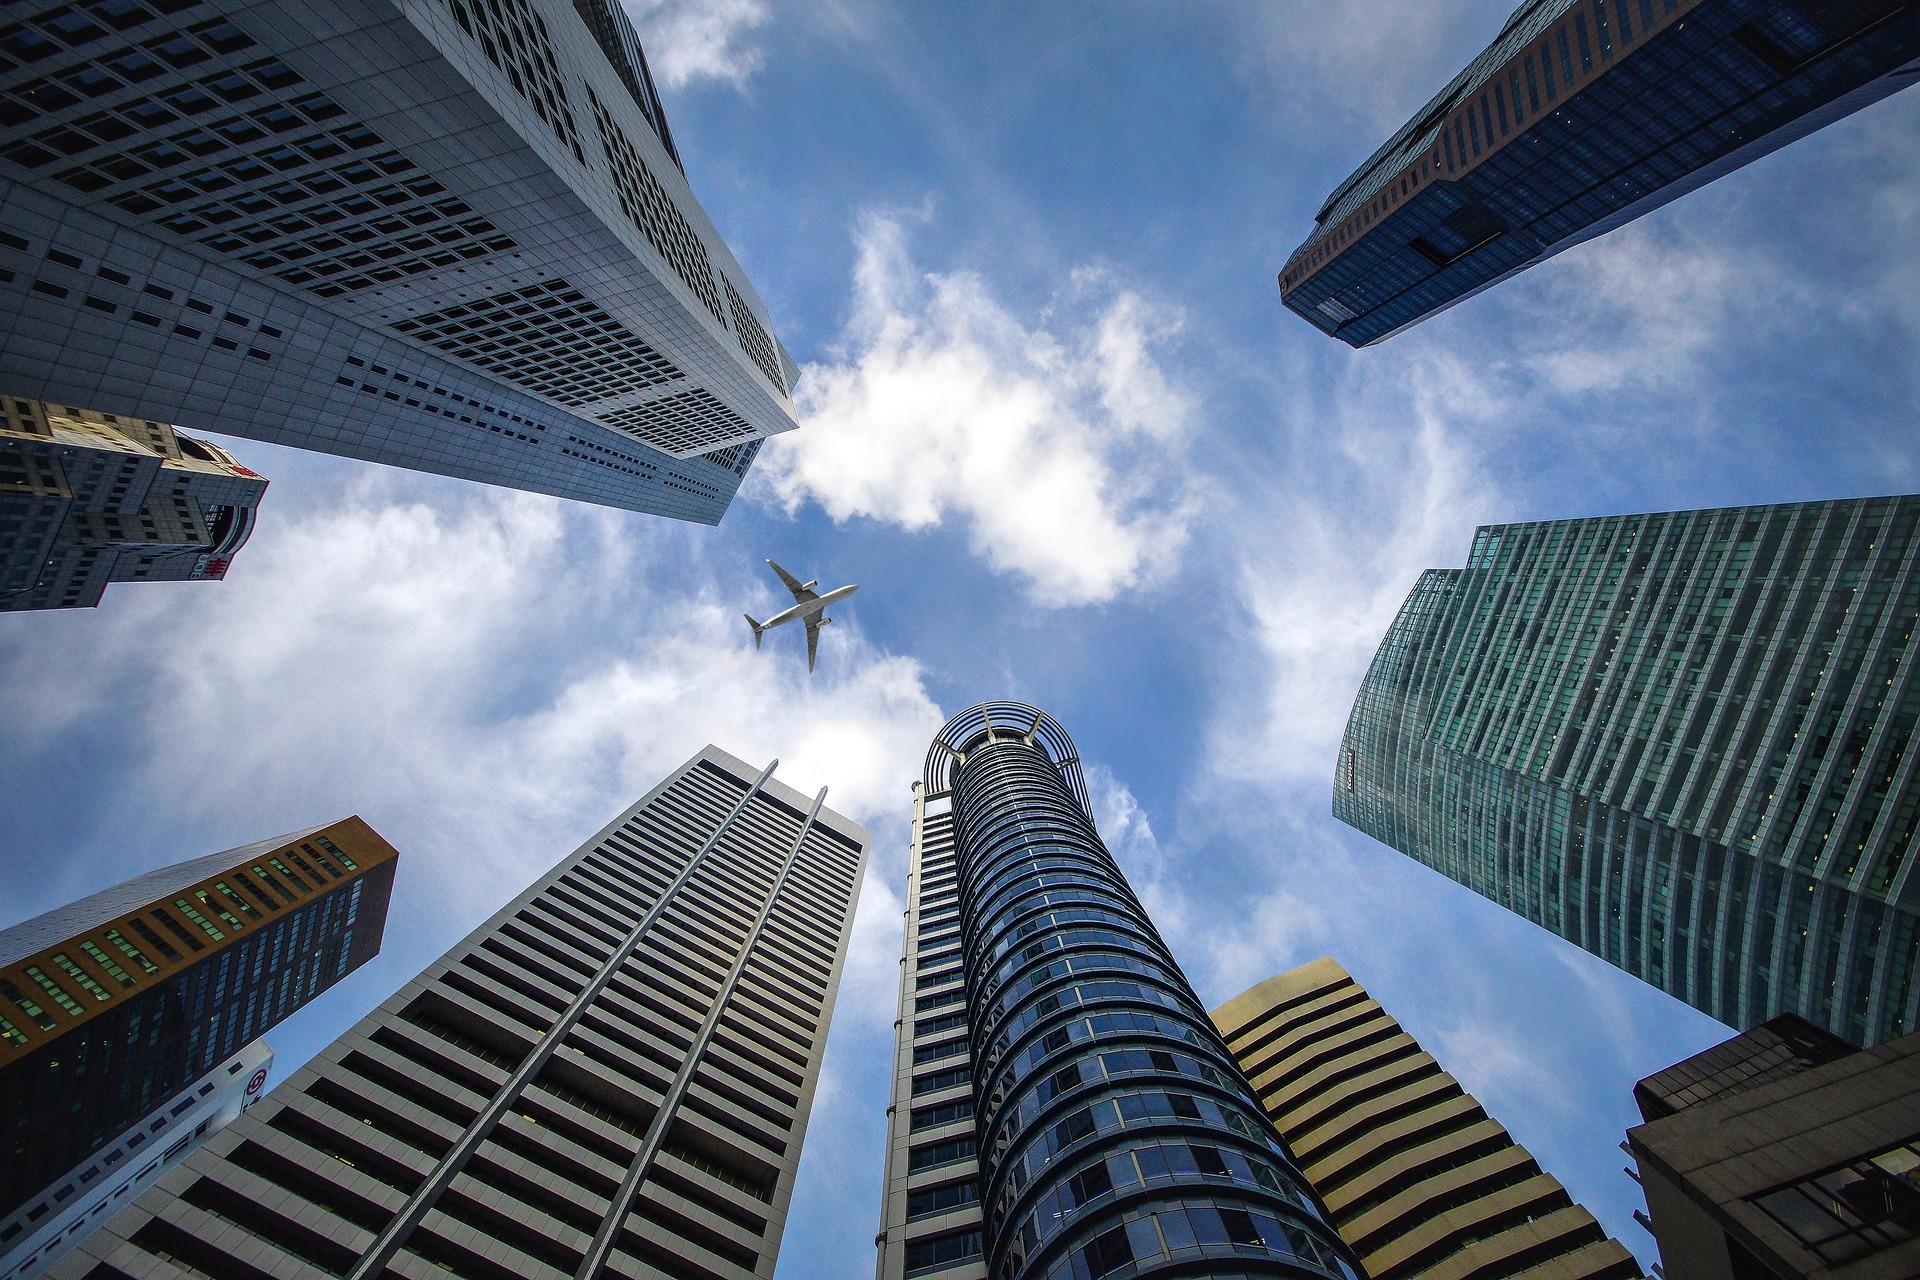 【総合商社の歩き方】業績&株式投資&経営指標等の関連記事まとめ